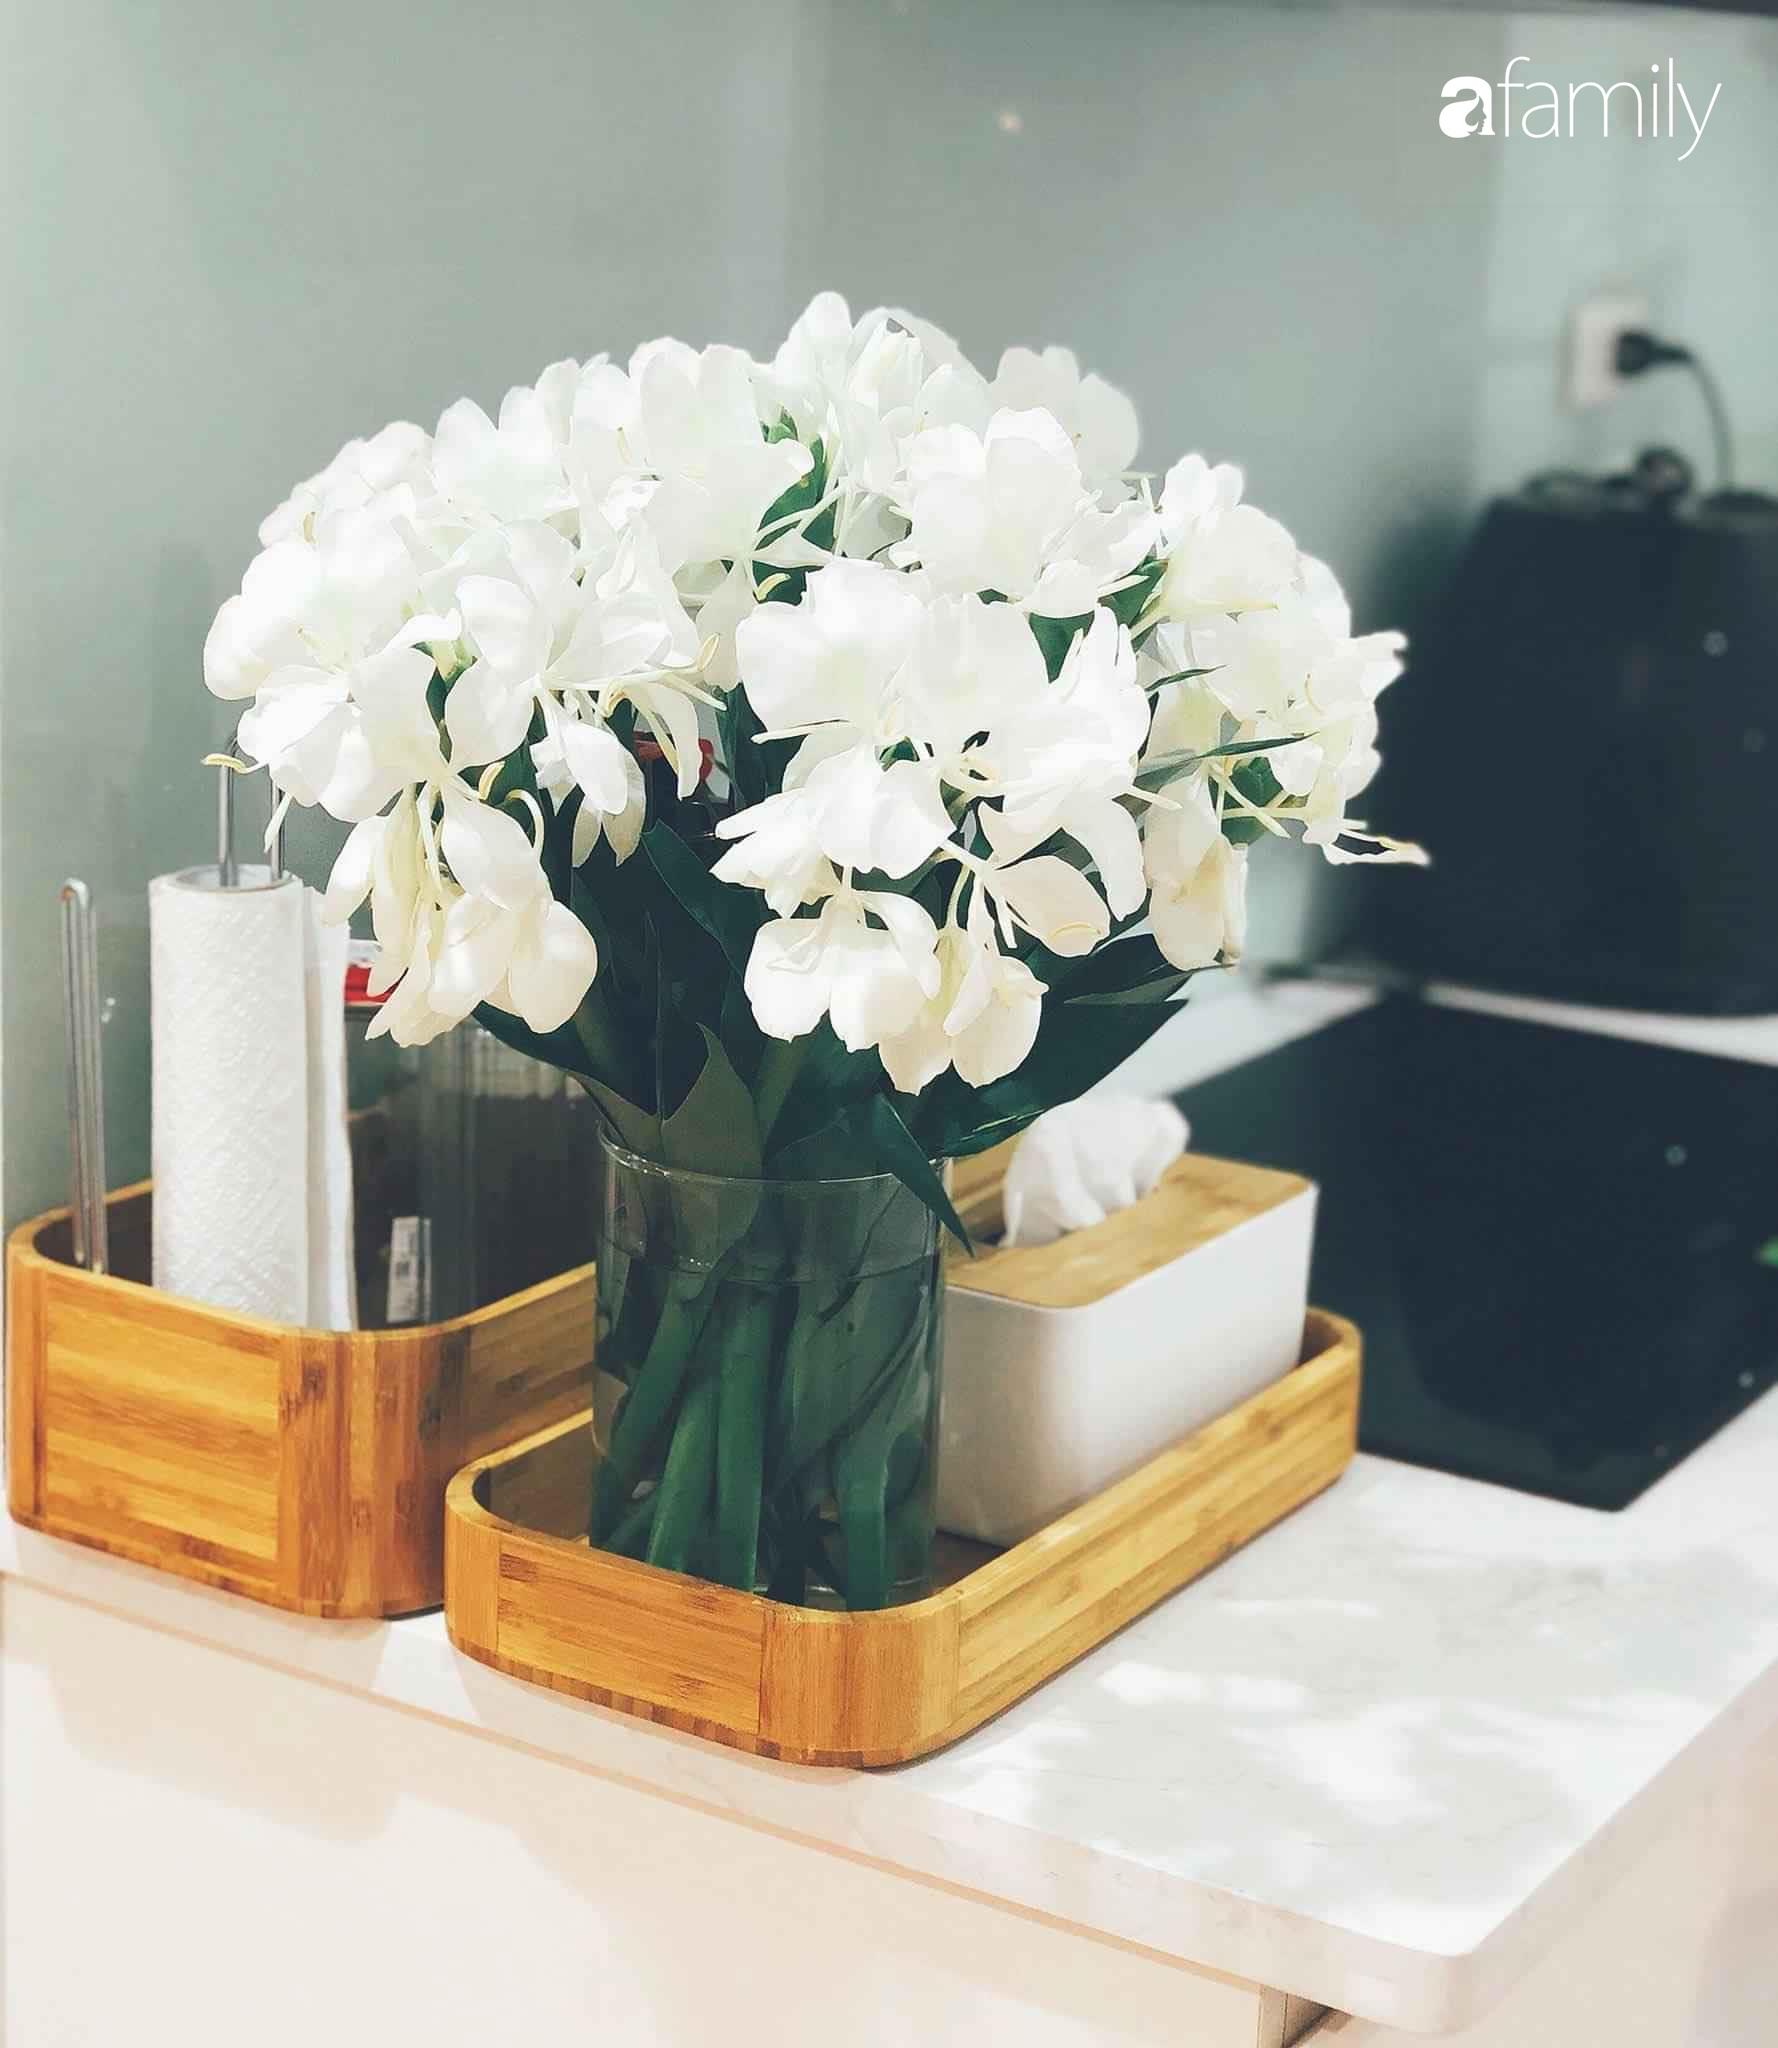 Bí quyết decor căn hộ 60m² luôn ngọt ngào và thoảng nhẹ hương thơm dịu dàng ở Hà Nội - Ảnh 15.